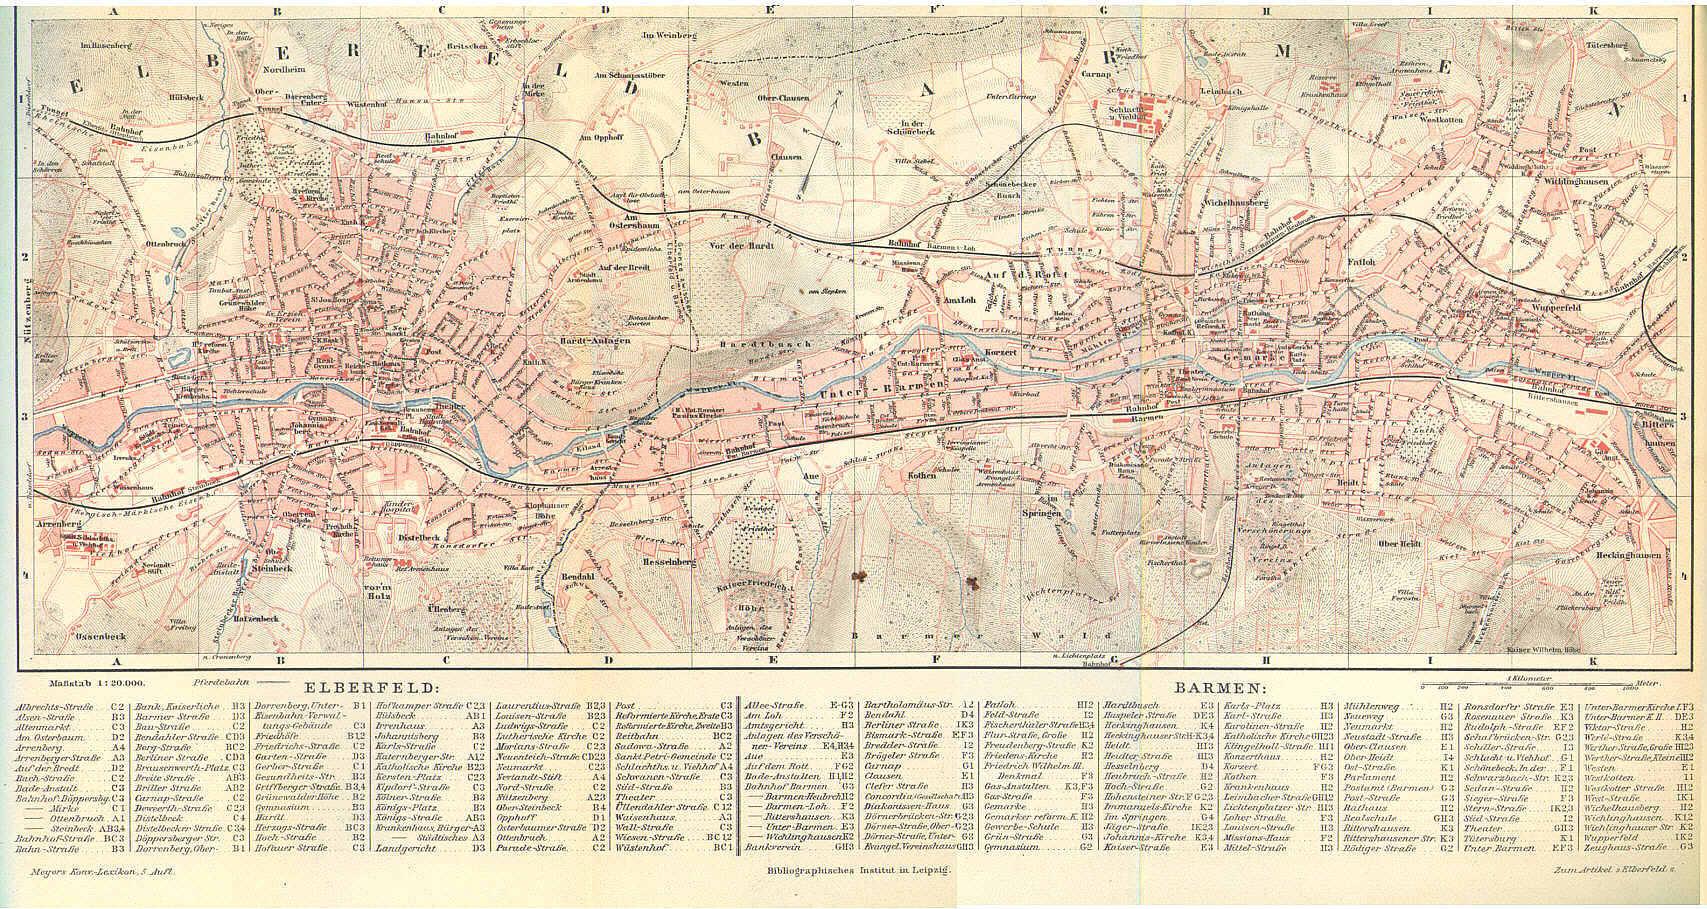 Fernsprecher Karte Deutsches Reich Lithographie 1899 alte historische Grafik